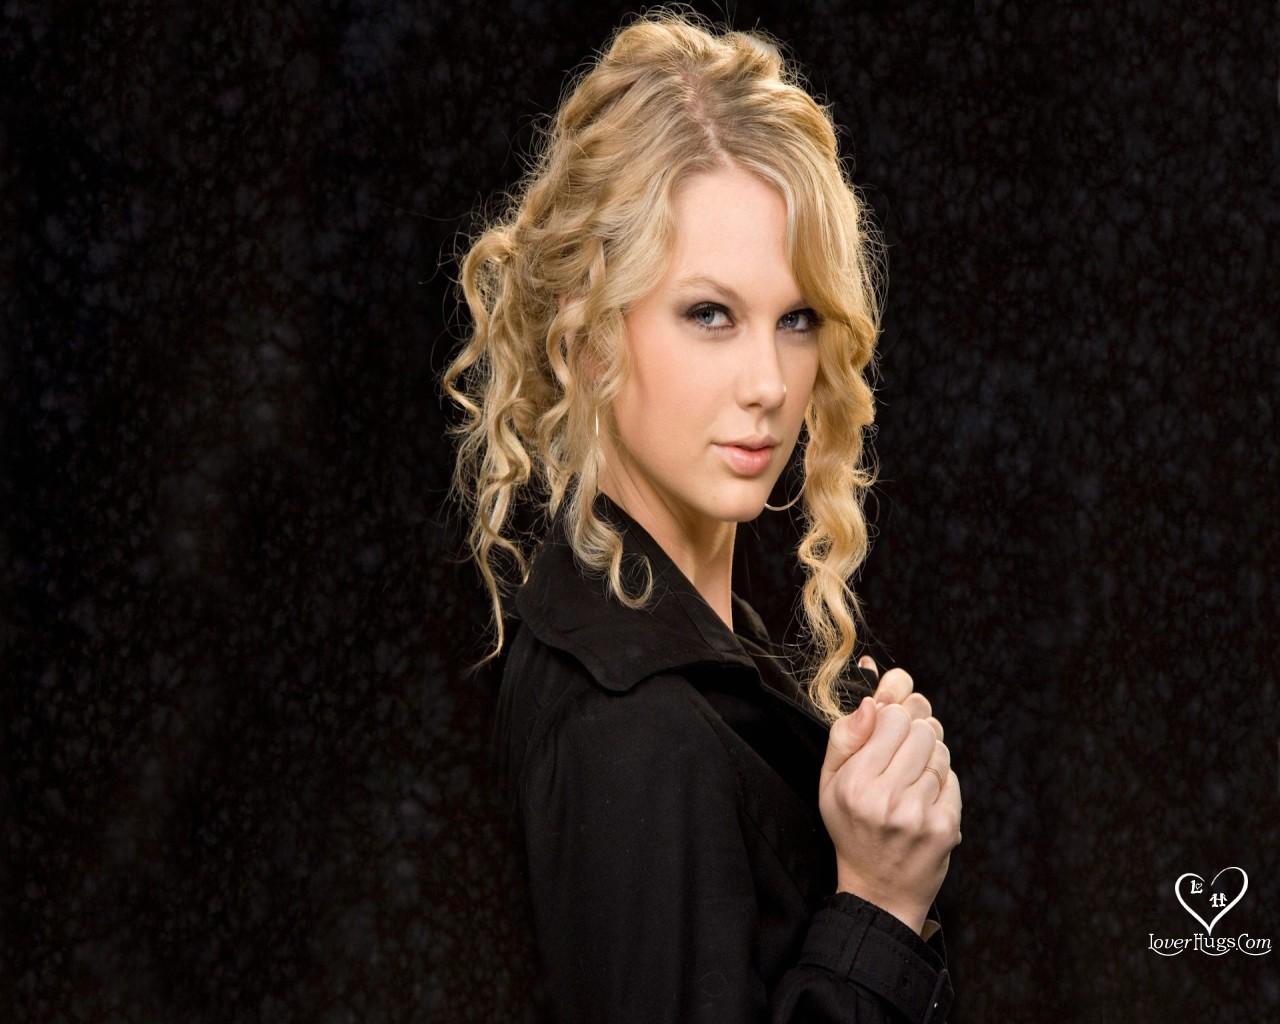 http://4.bp.blogspot.com/_vX5vPjRoi7o/TMm7wWnXz3I/AAAAAAAAB44/lq33Qzv-vt4/s1600/TaylorSwift2.jpg